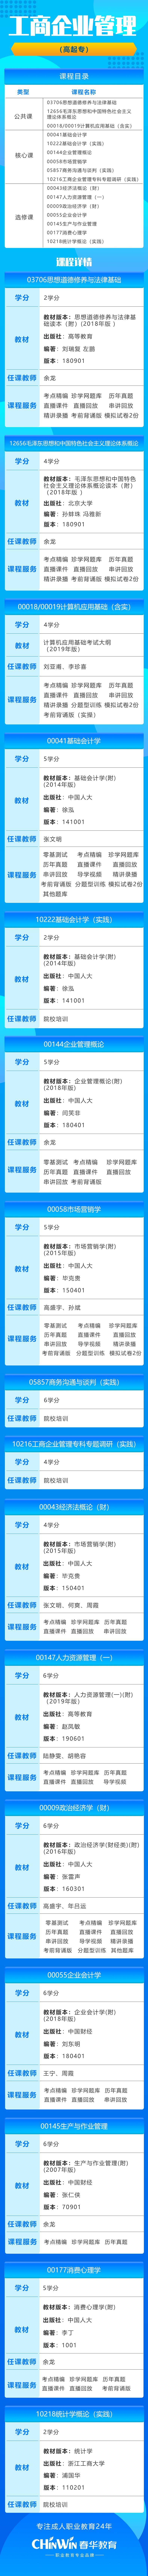 3工商企业管理-高起专详情.png